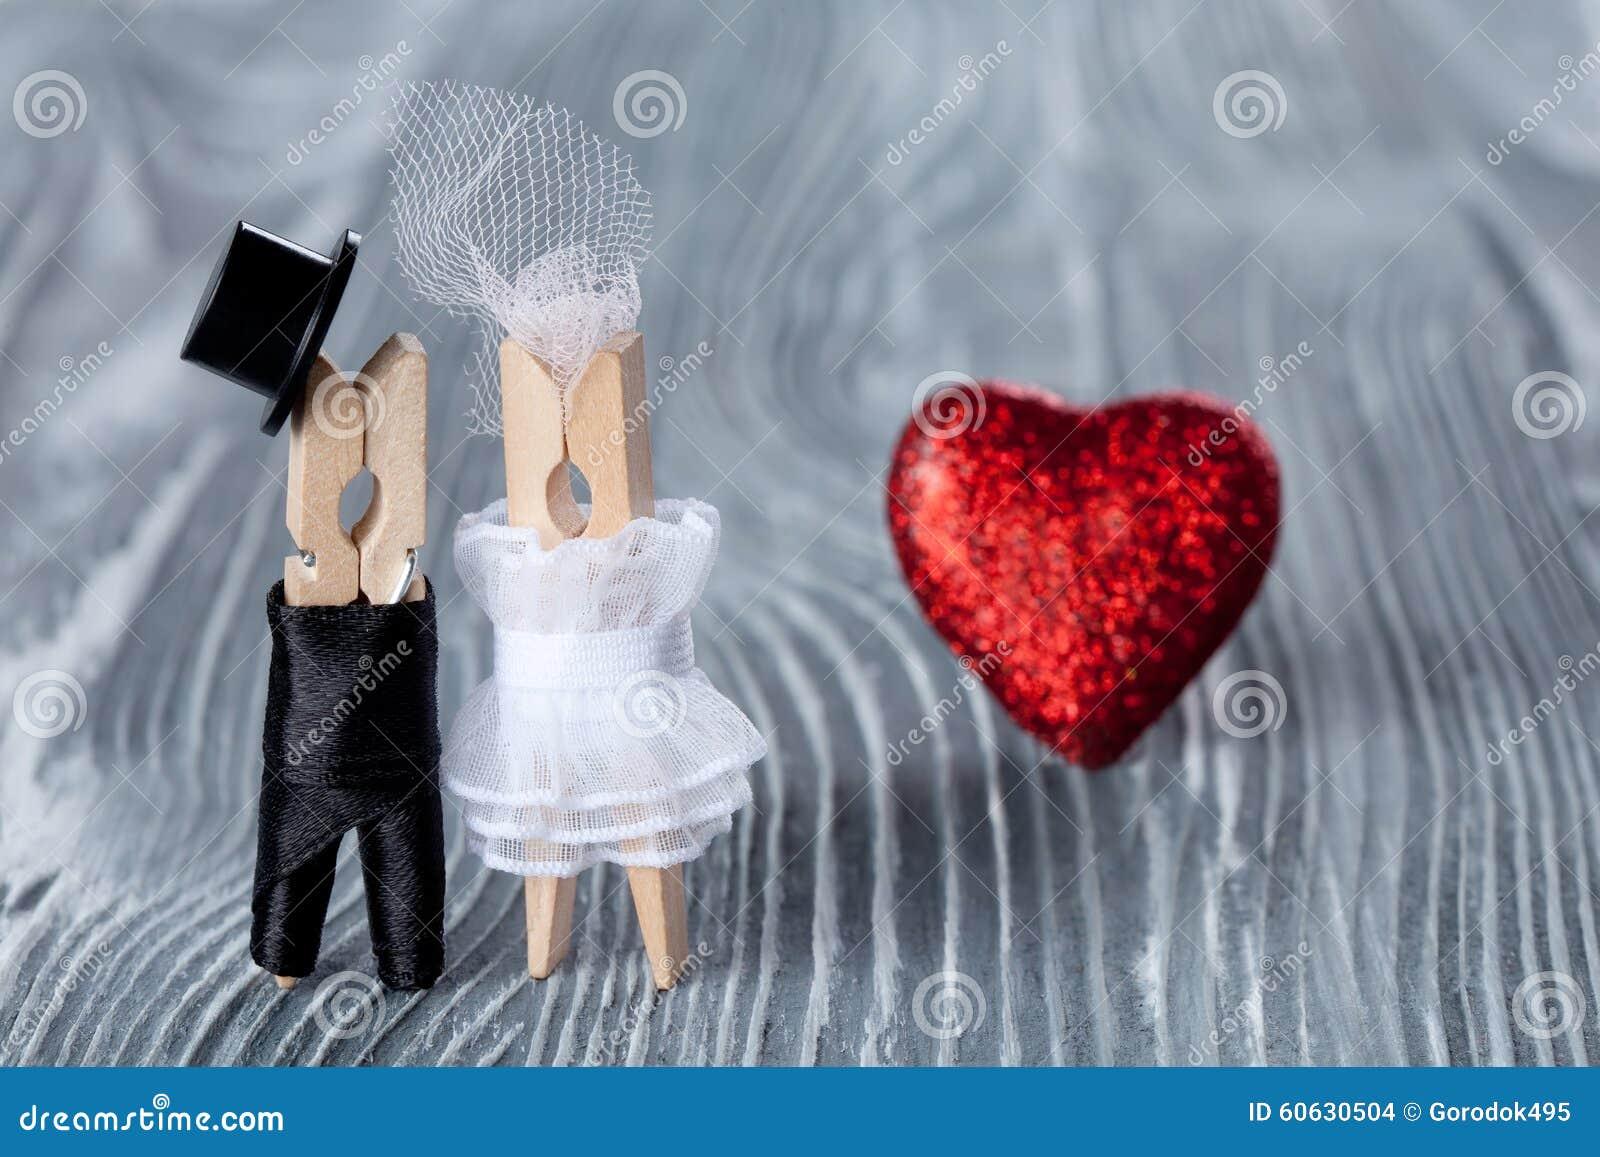 5ed0c5842 Invitación De La Boda Hombre, Mujer Y Corazón Leído Novio En Traje Y ...